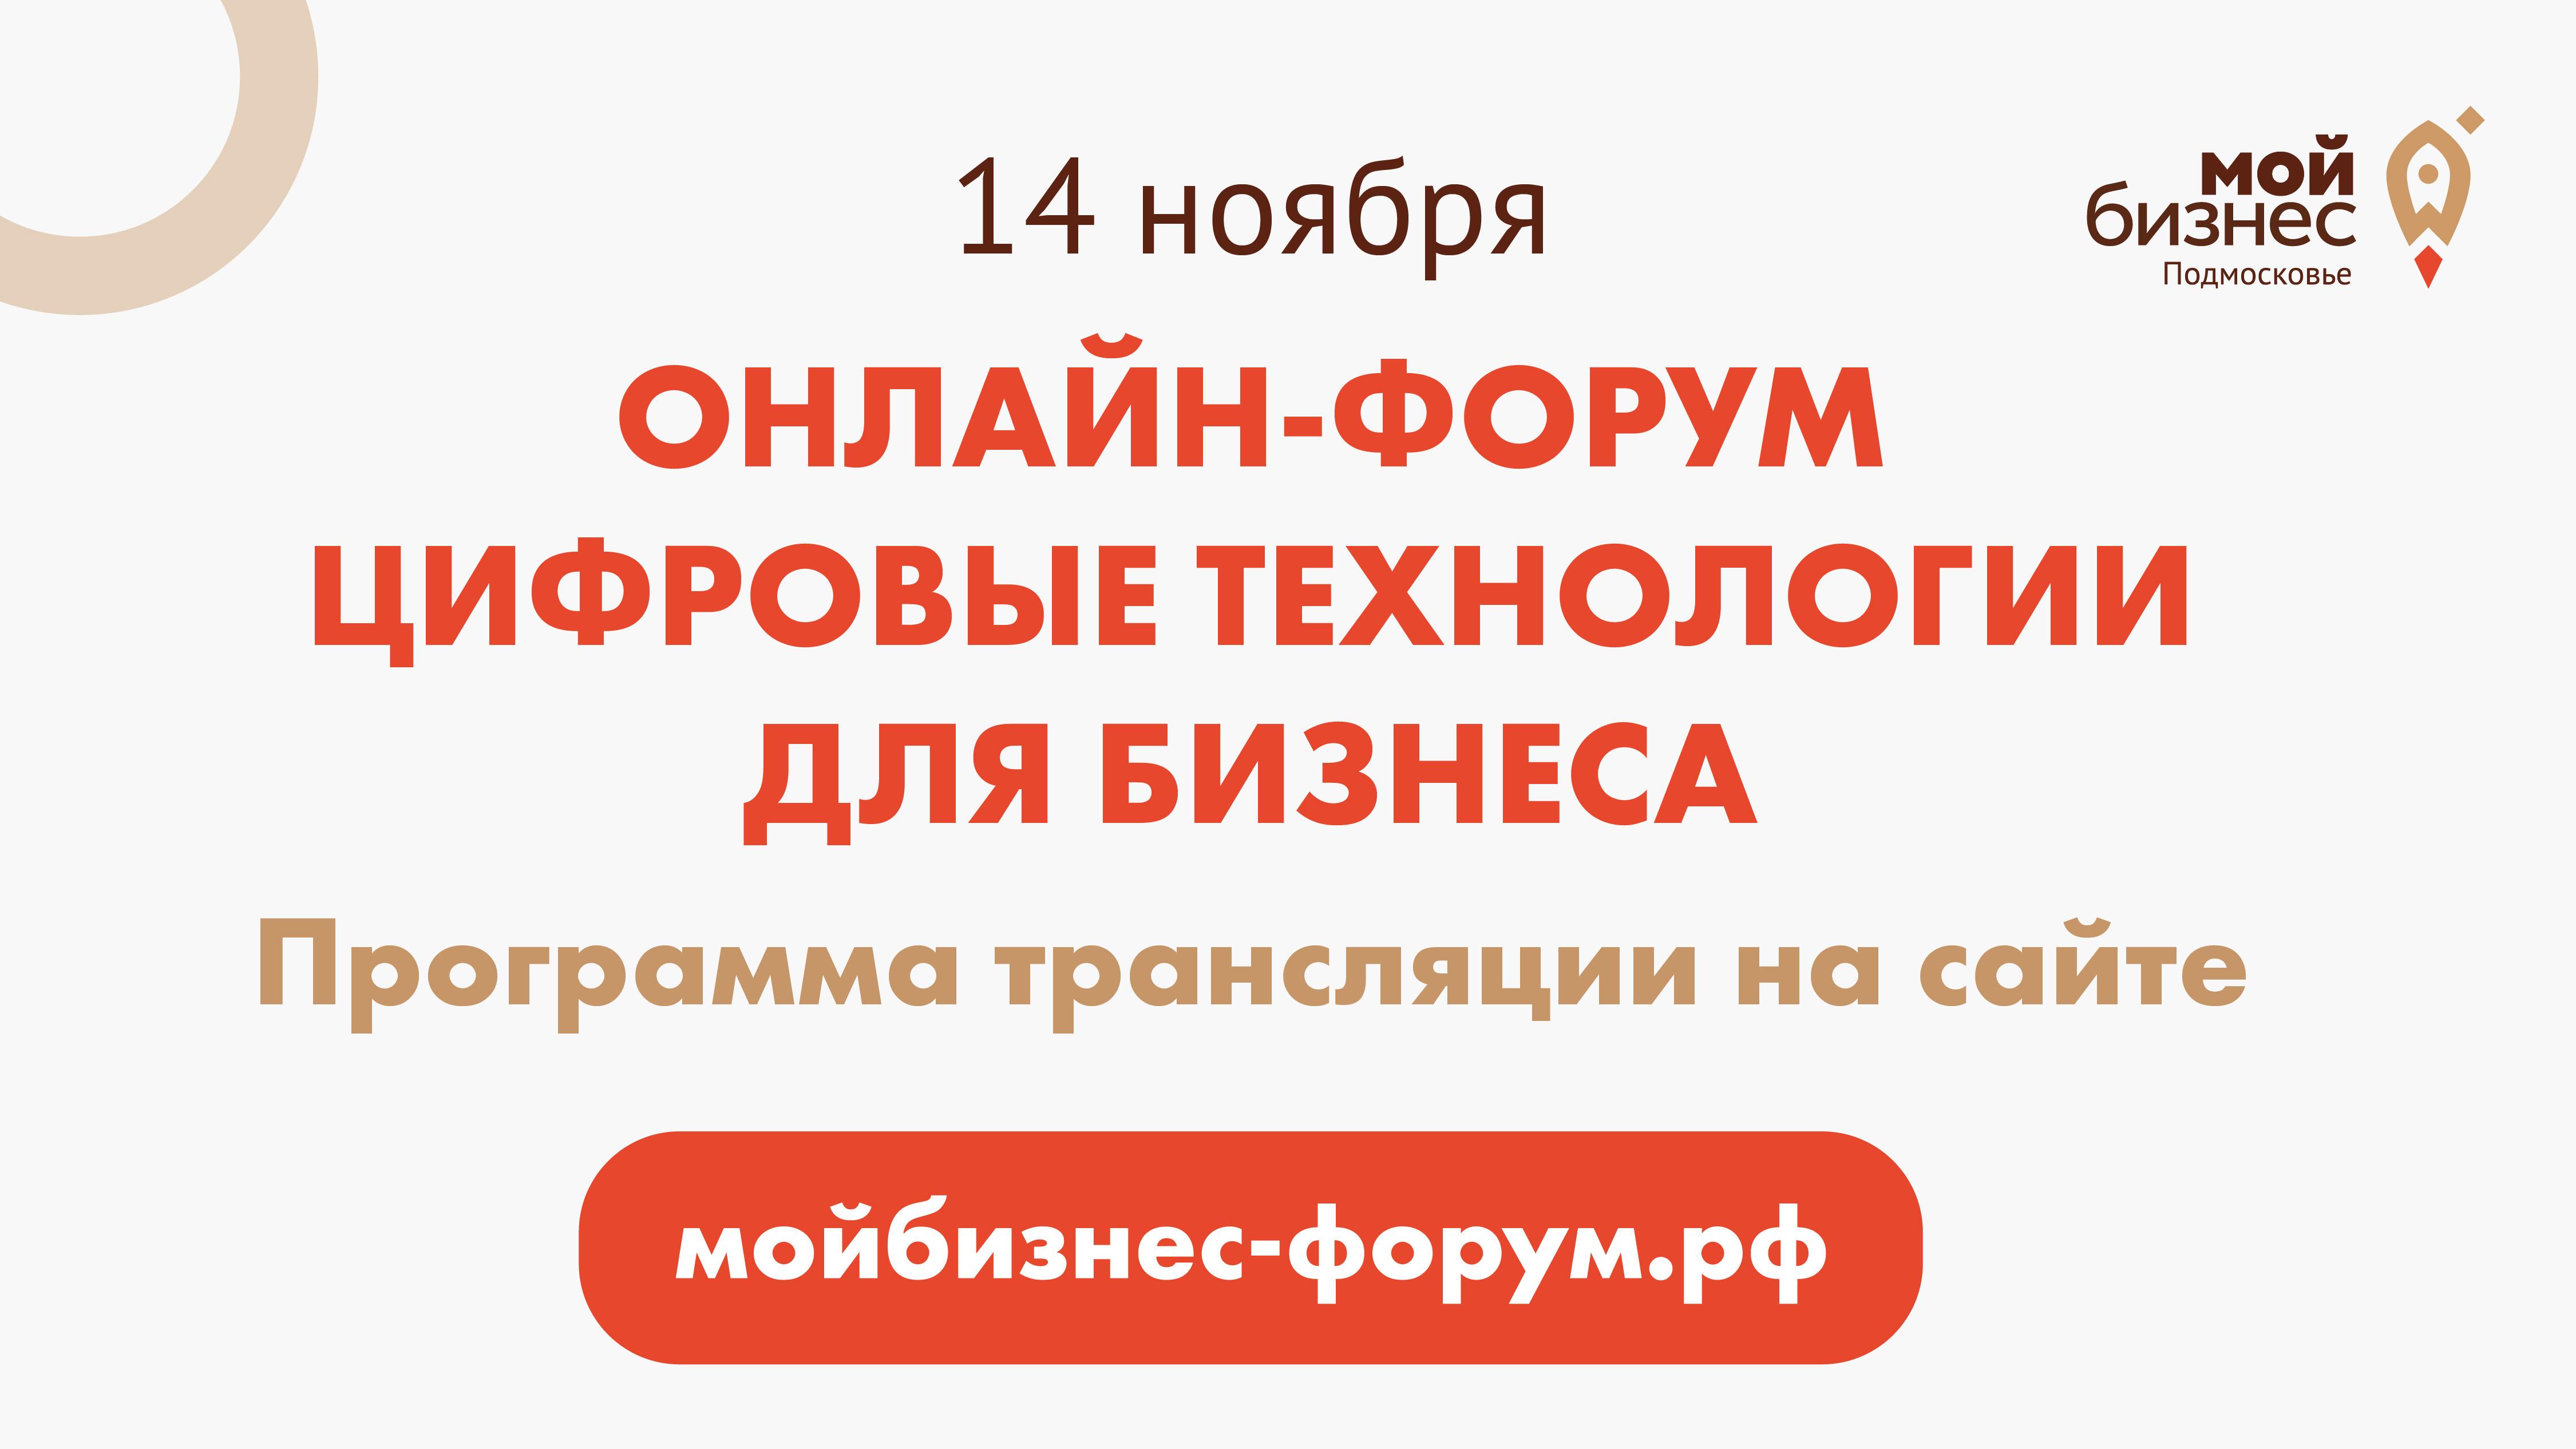 Форум «Цифровые технологии для бизнеса» состоится в Подмосковье 14 ноября